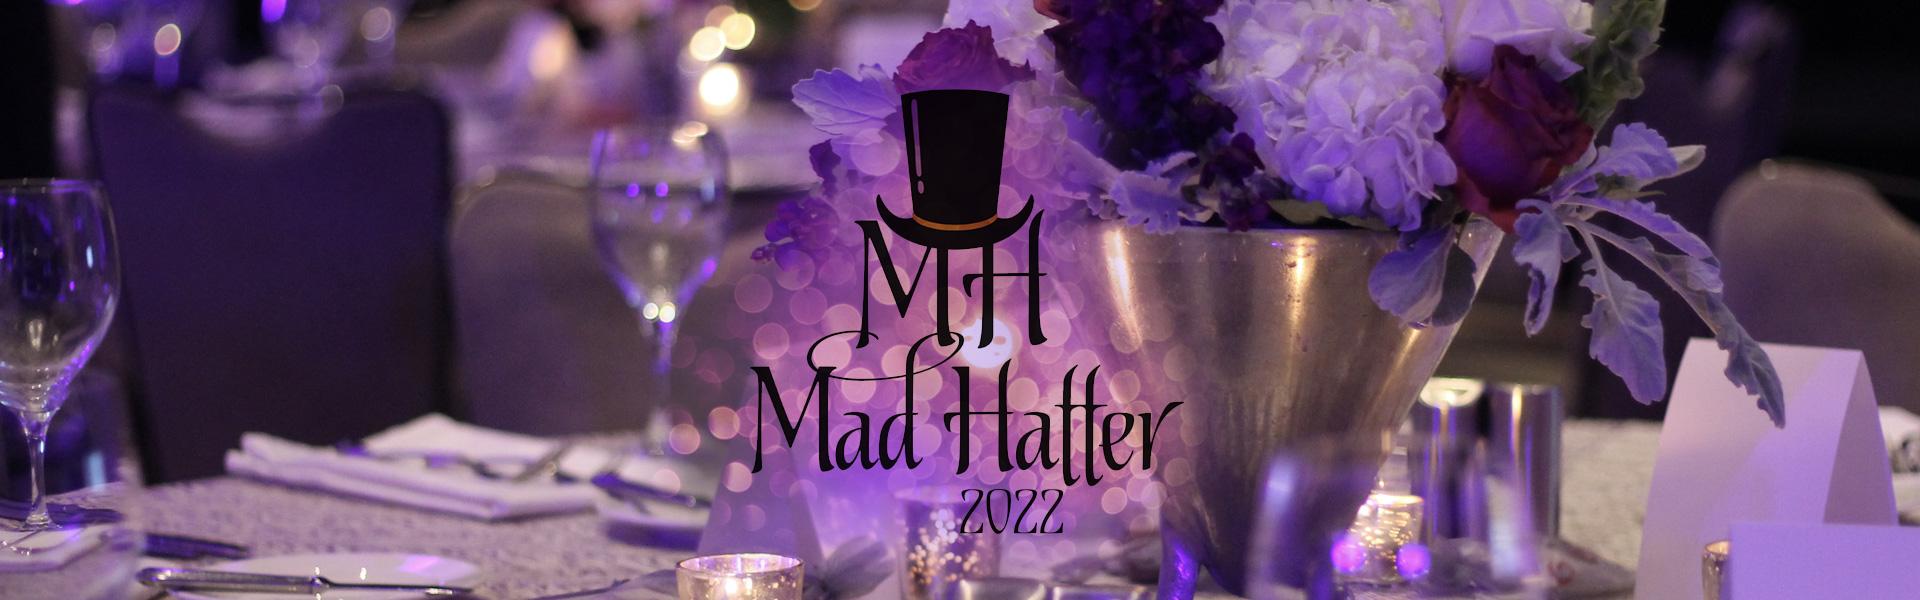 Mad Hatter Ballroom